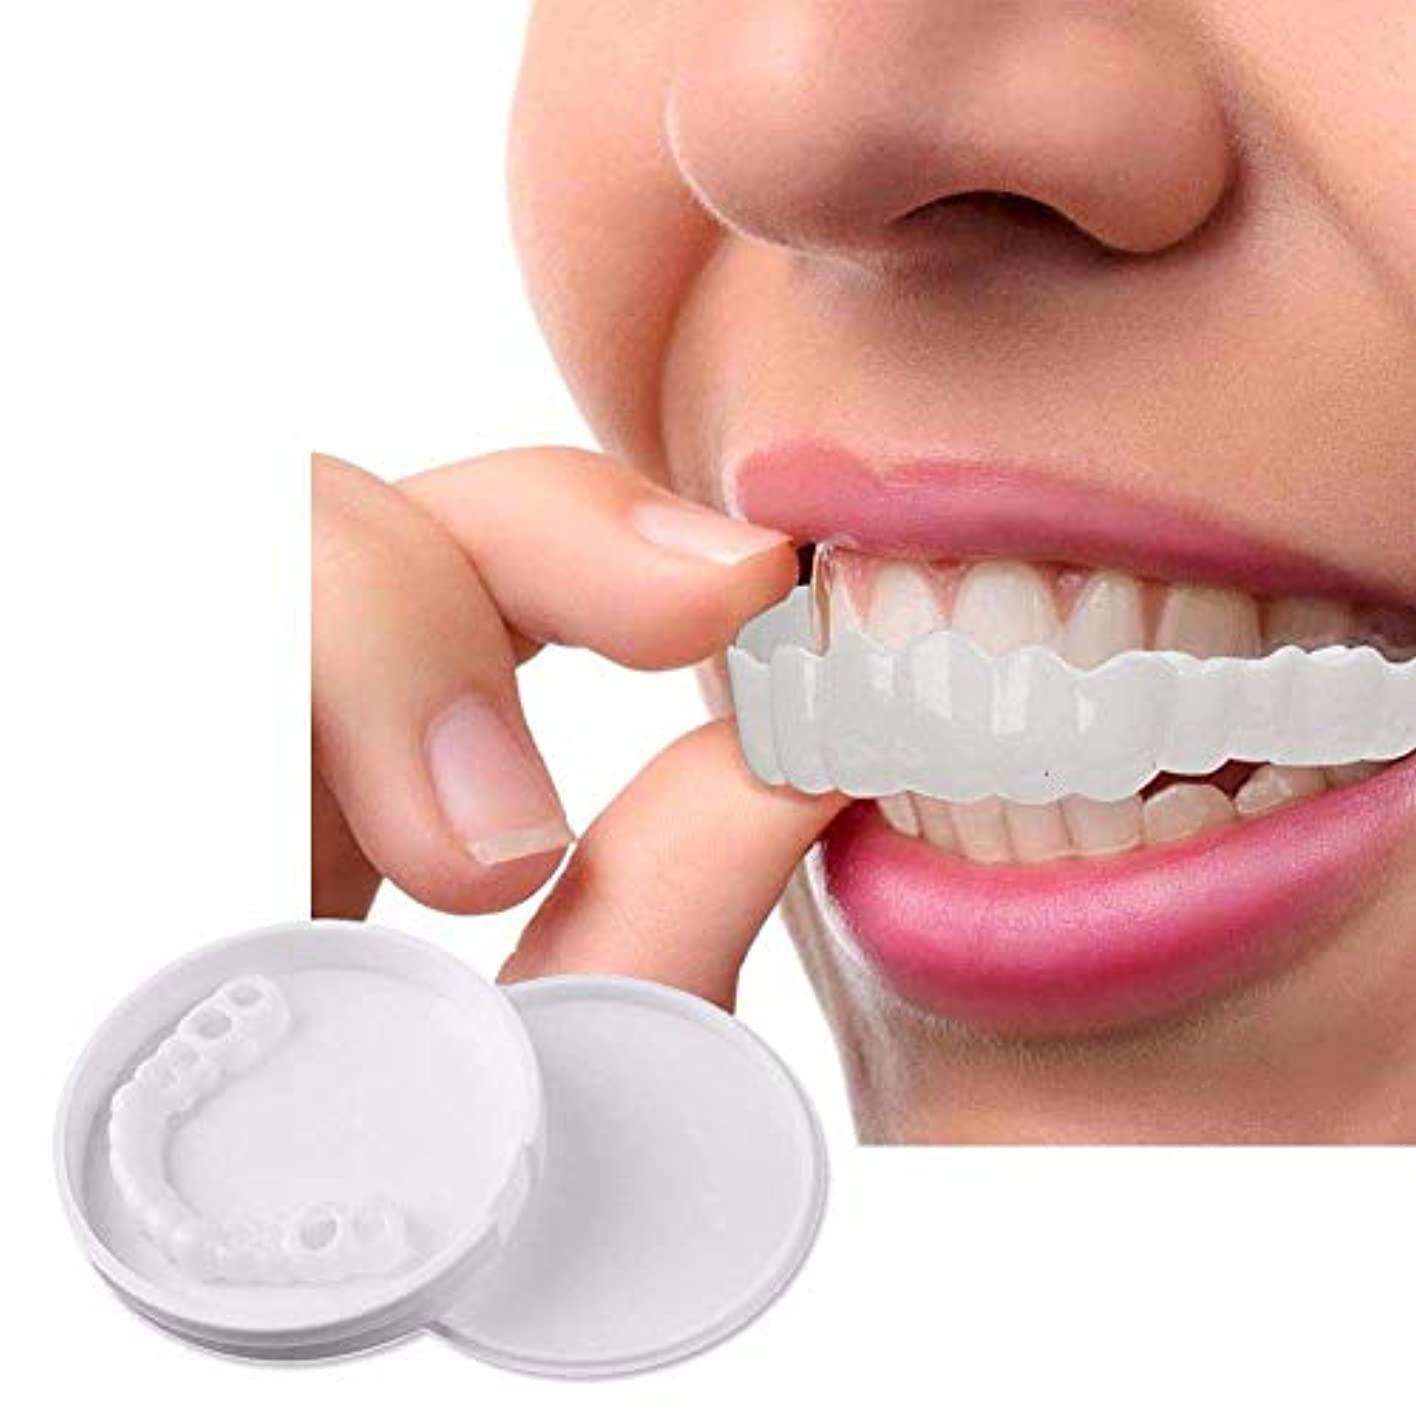 豆つかいます洗練10ピースホワイトニングスナップオンスマイルパーフェクトスマイルフィット最も快適な義歯ケア入れ歯歯科カバーでボックス,Upperteeth10Pcs